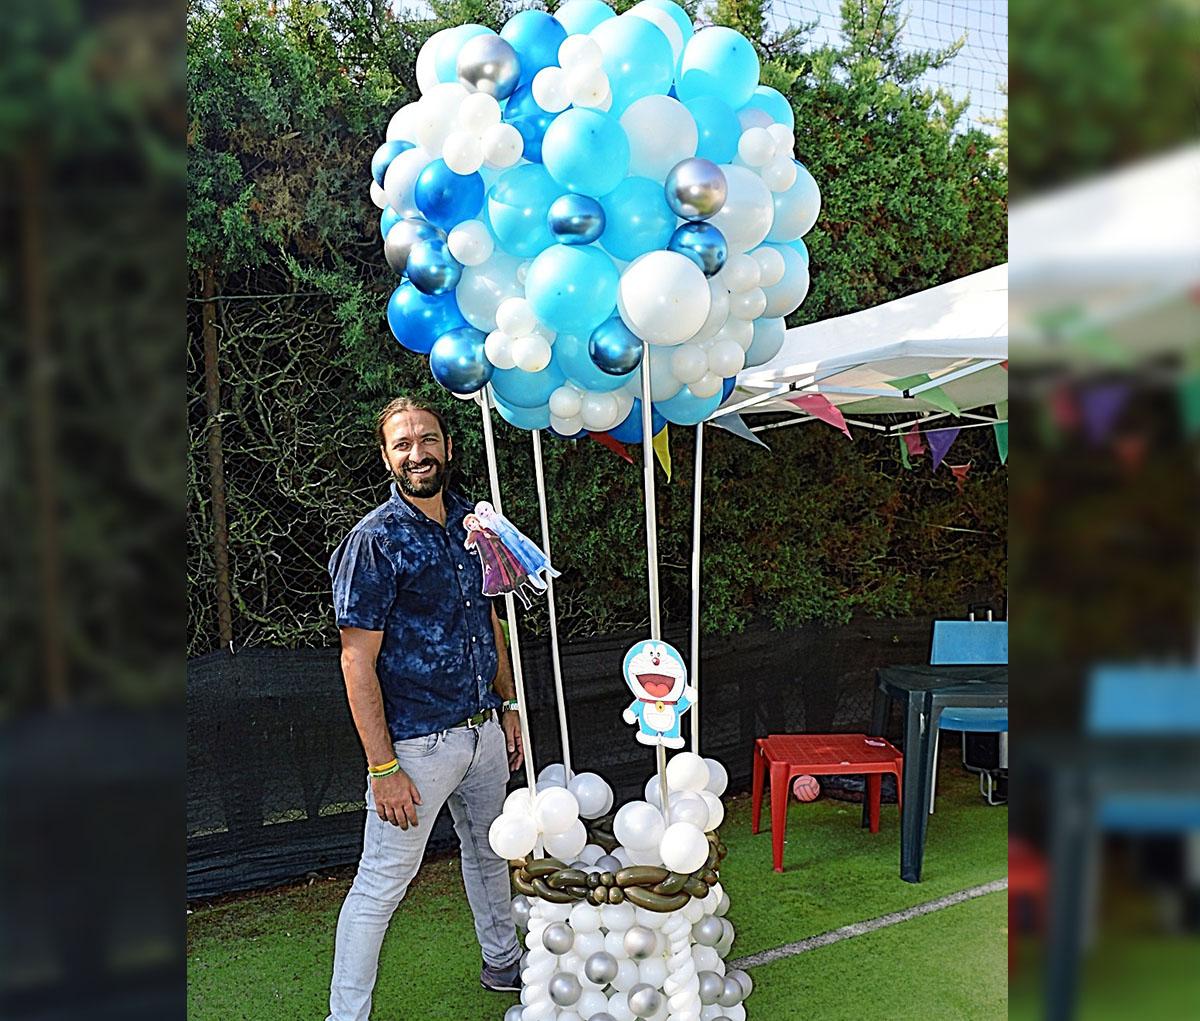 mongolfiera di palloncini per feste bambini ed eventi